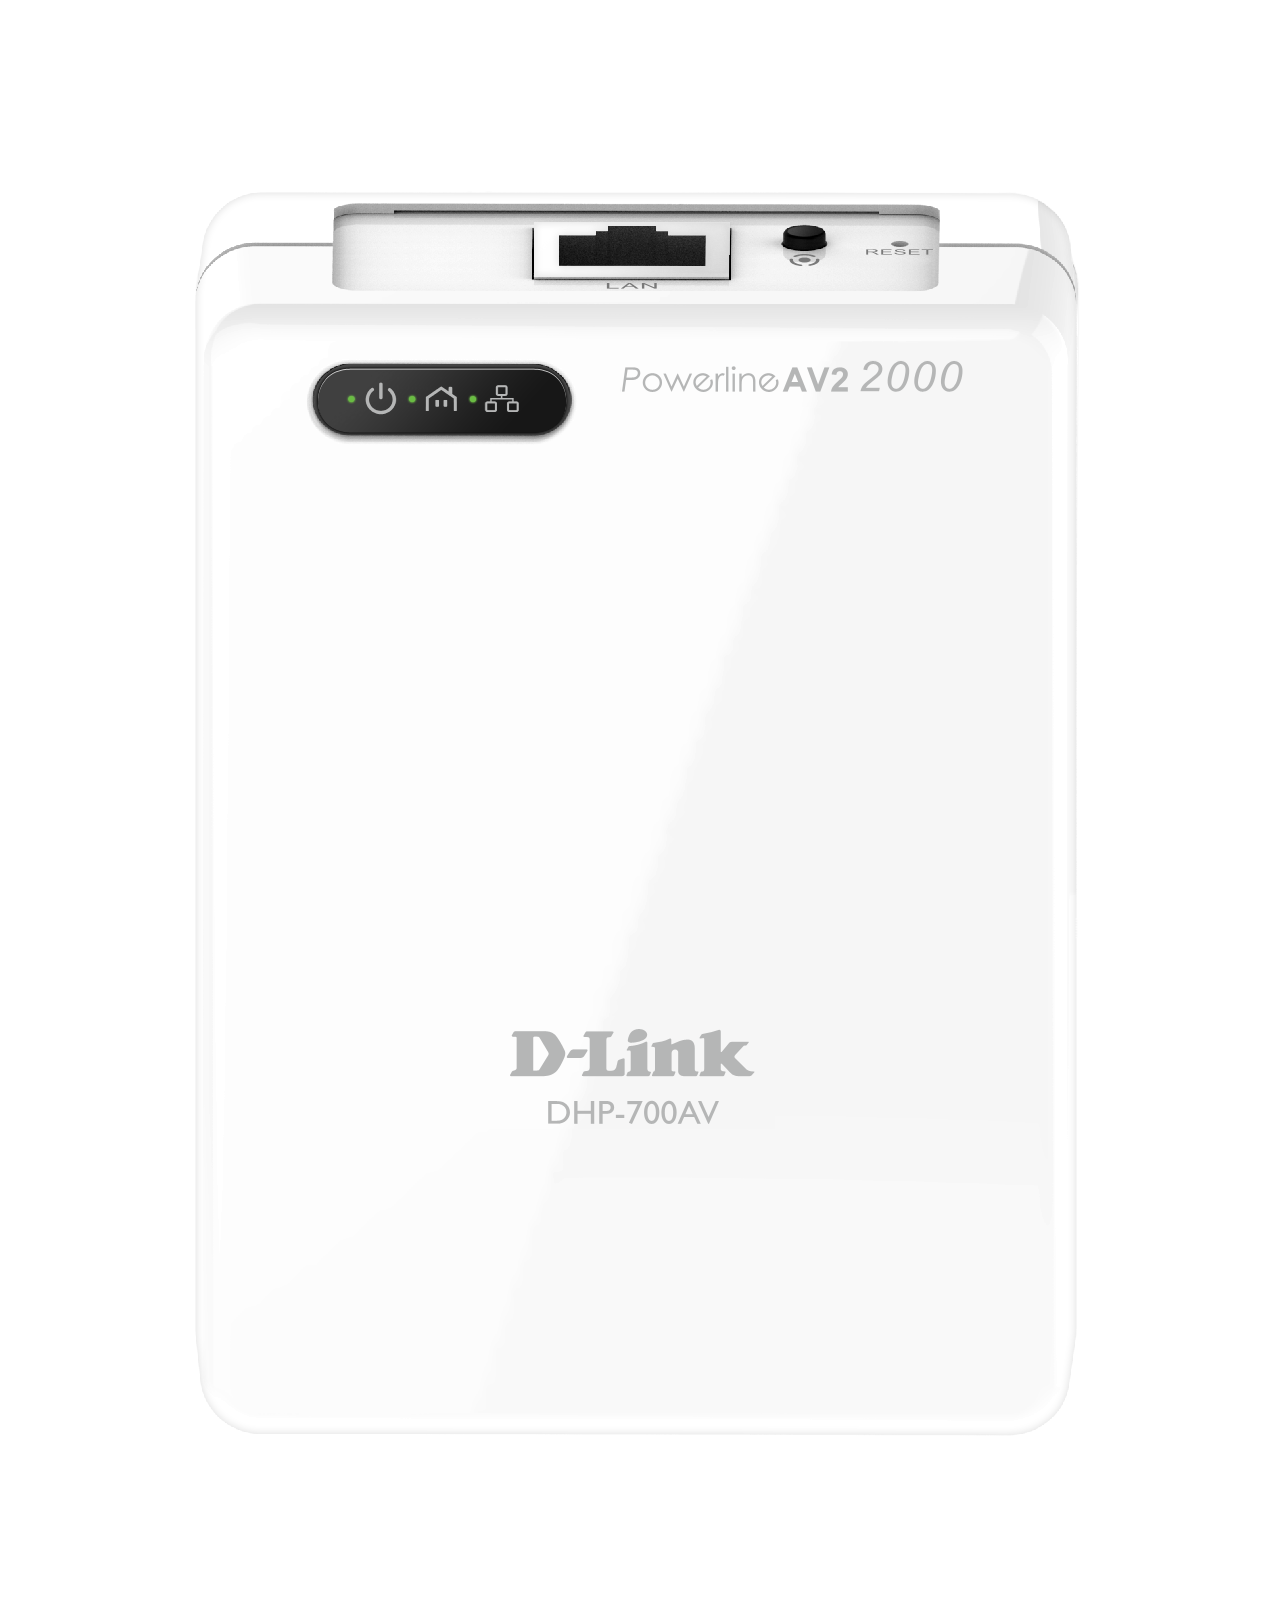 d link powerline av2 2000 gigabit network kit dhp 701av centre com best pc hardware prices. Black Bedroom Furniture Sets. Home Design Ideas